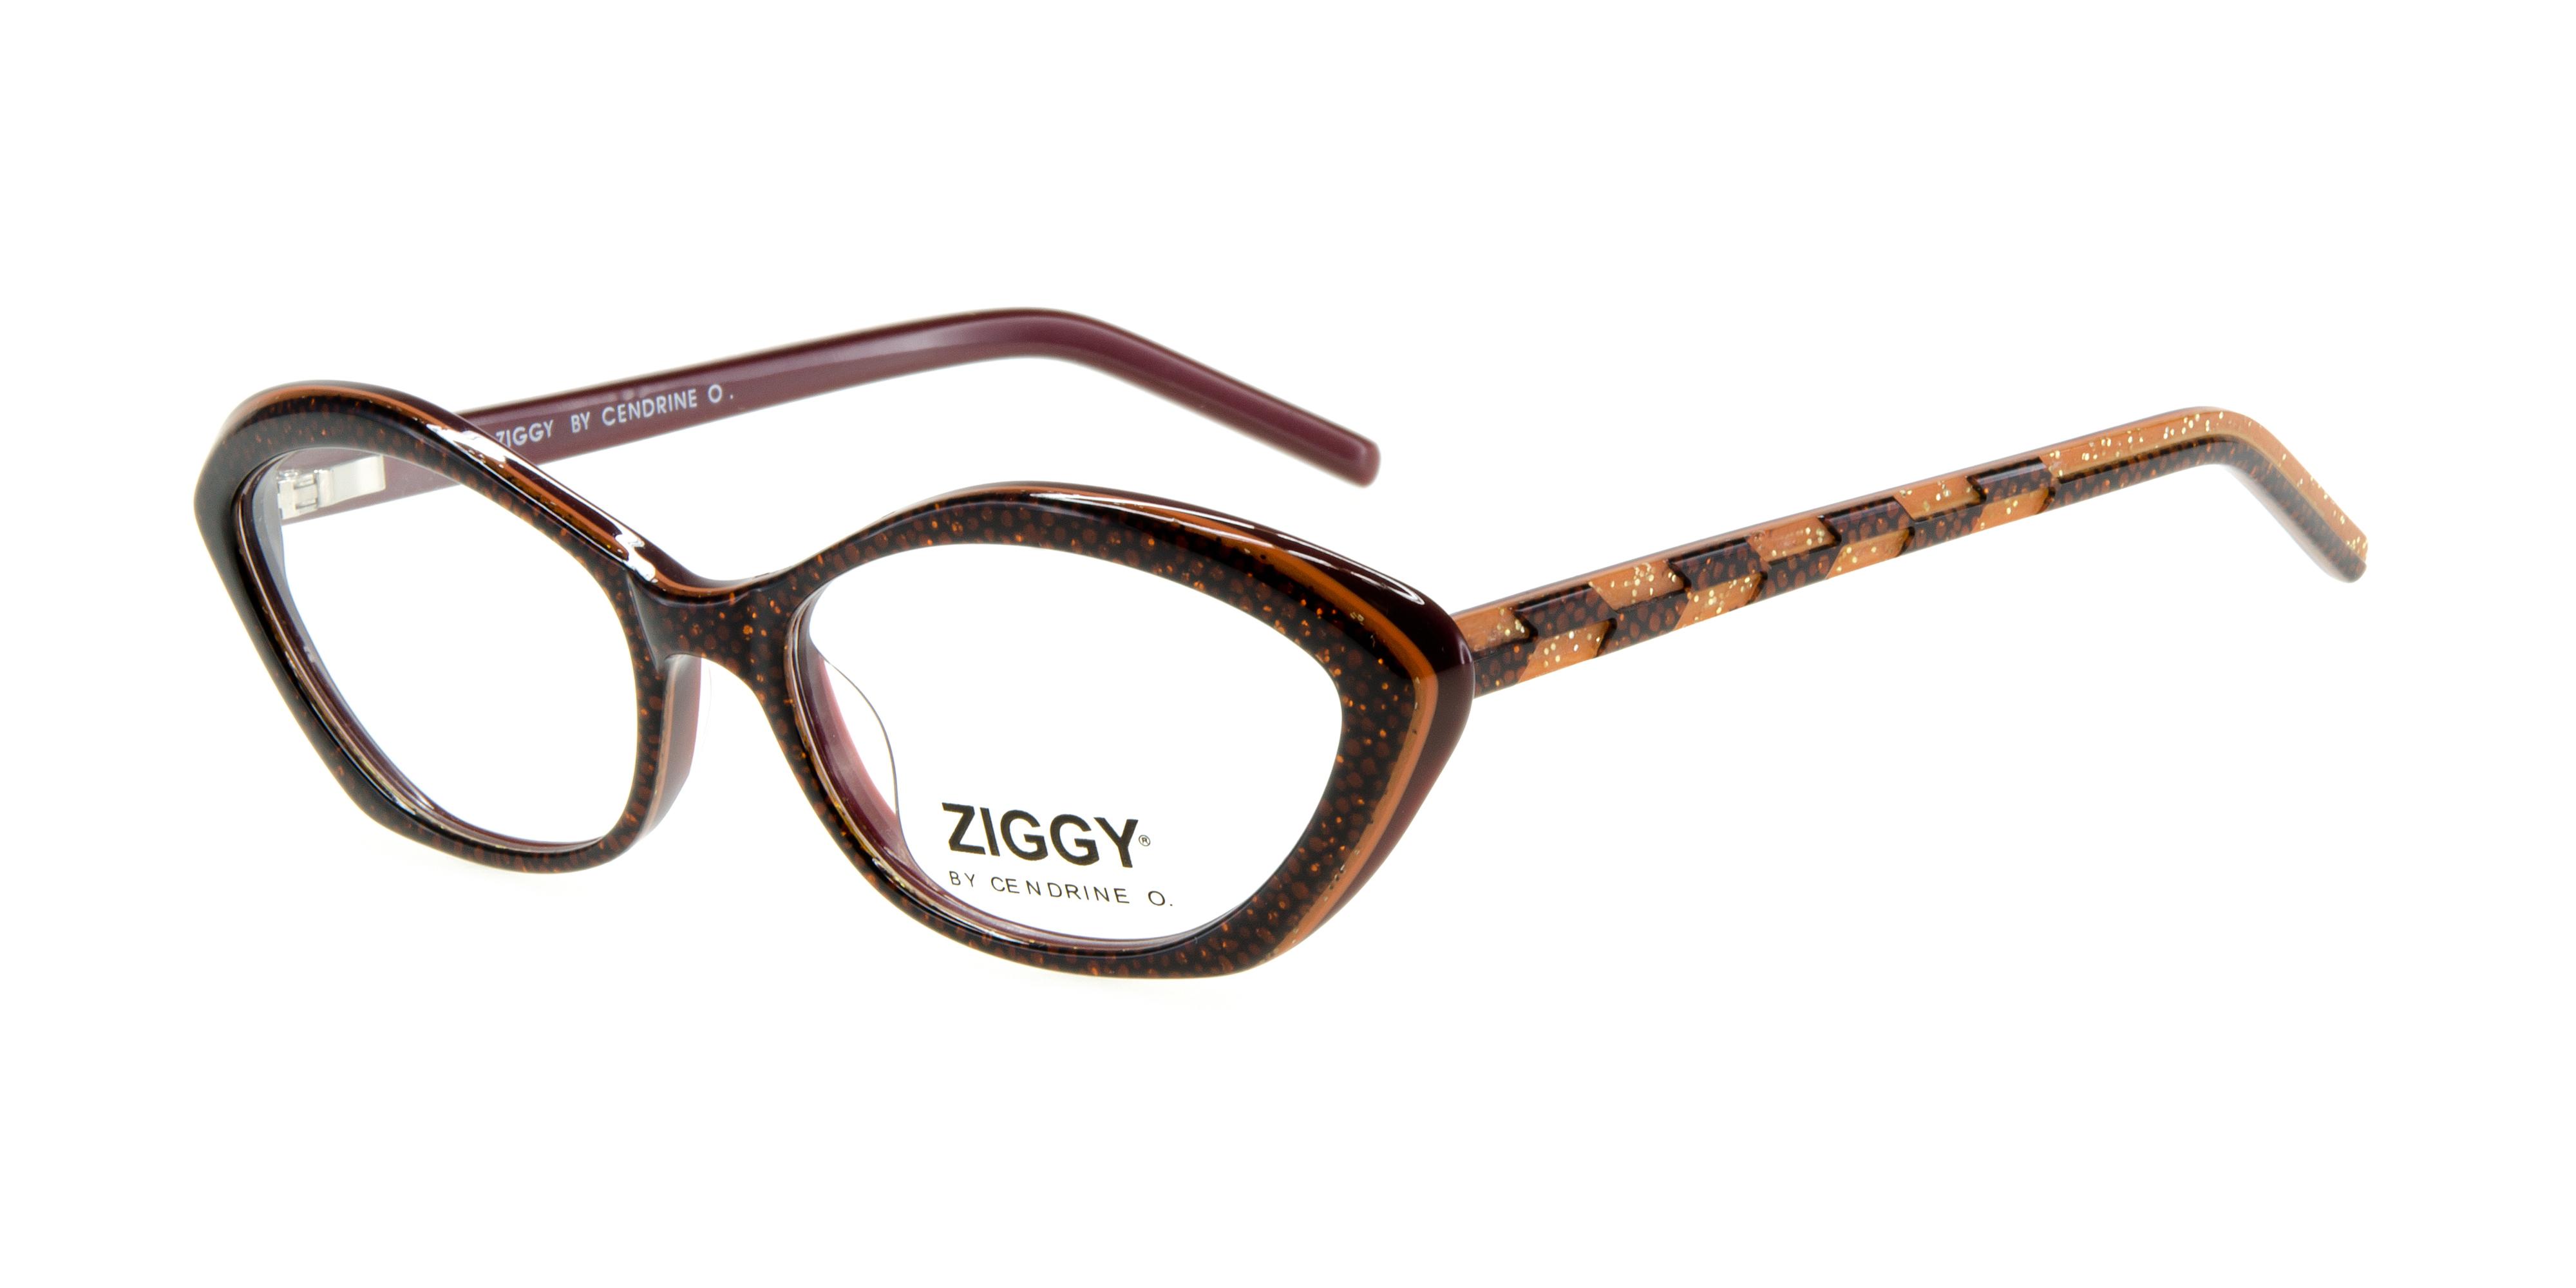 ziggy 1457 c1 zig eyewear